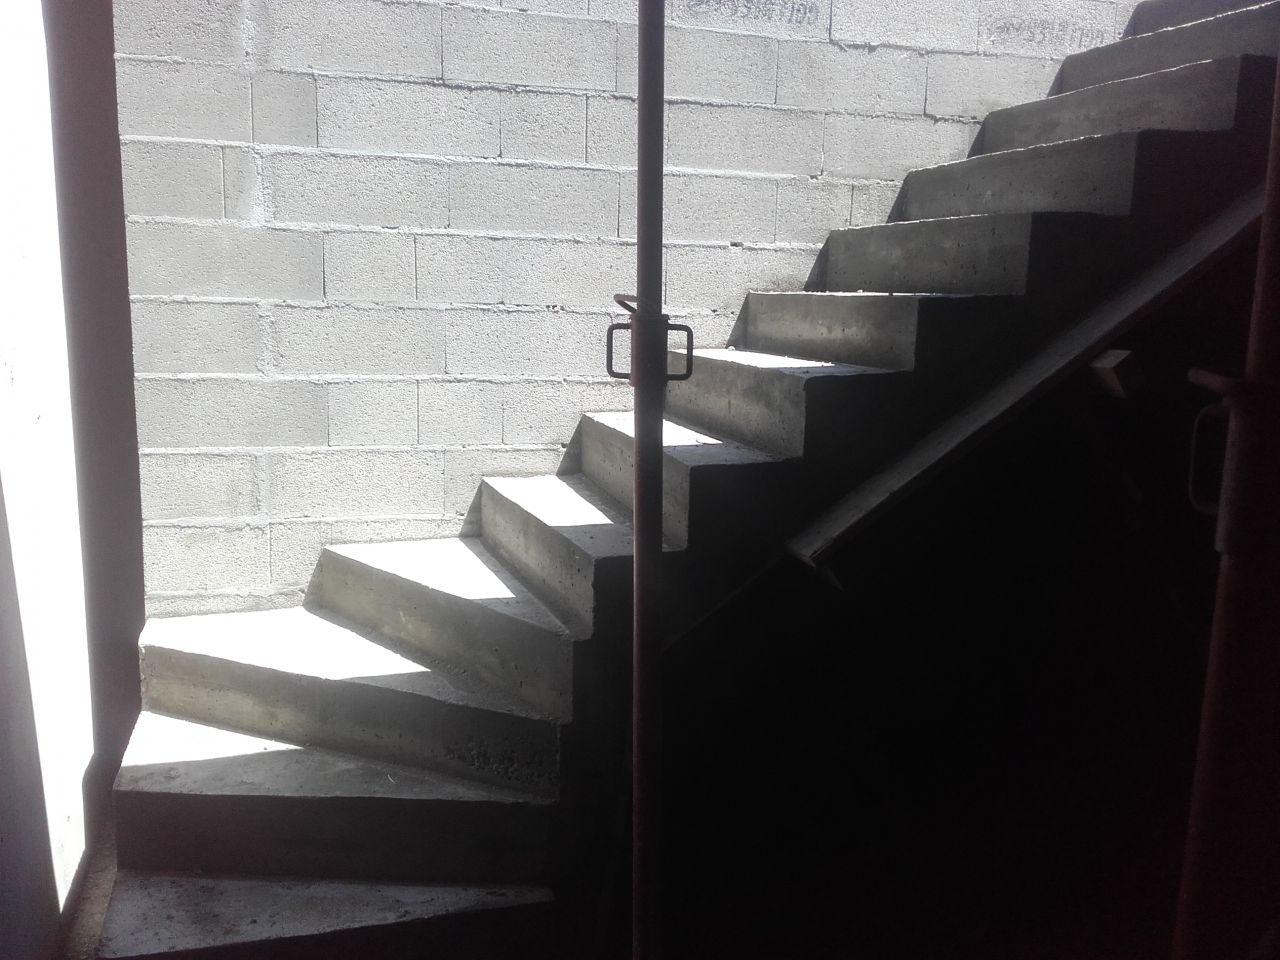 Escalier du sous-sol au premier étage